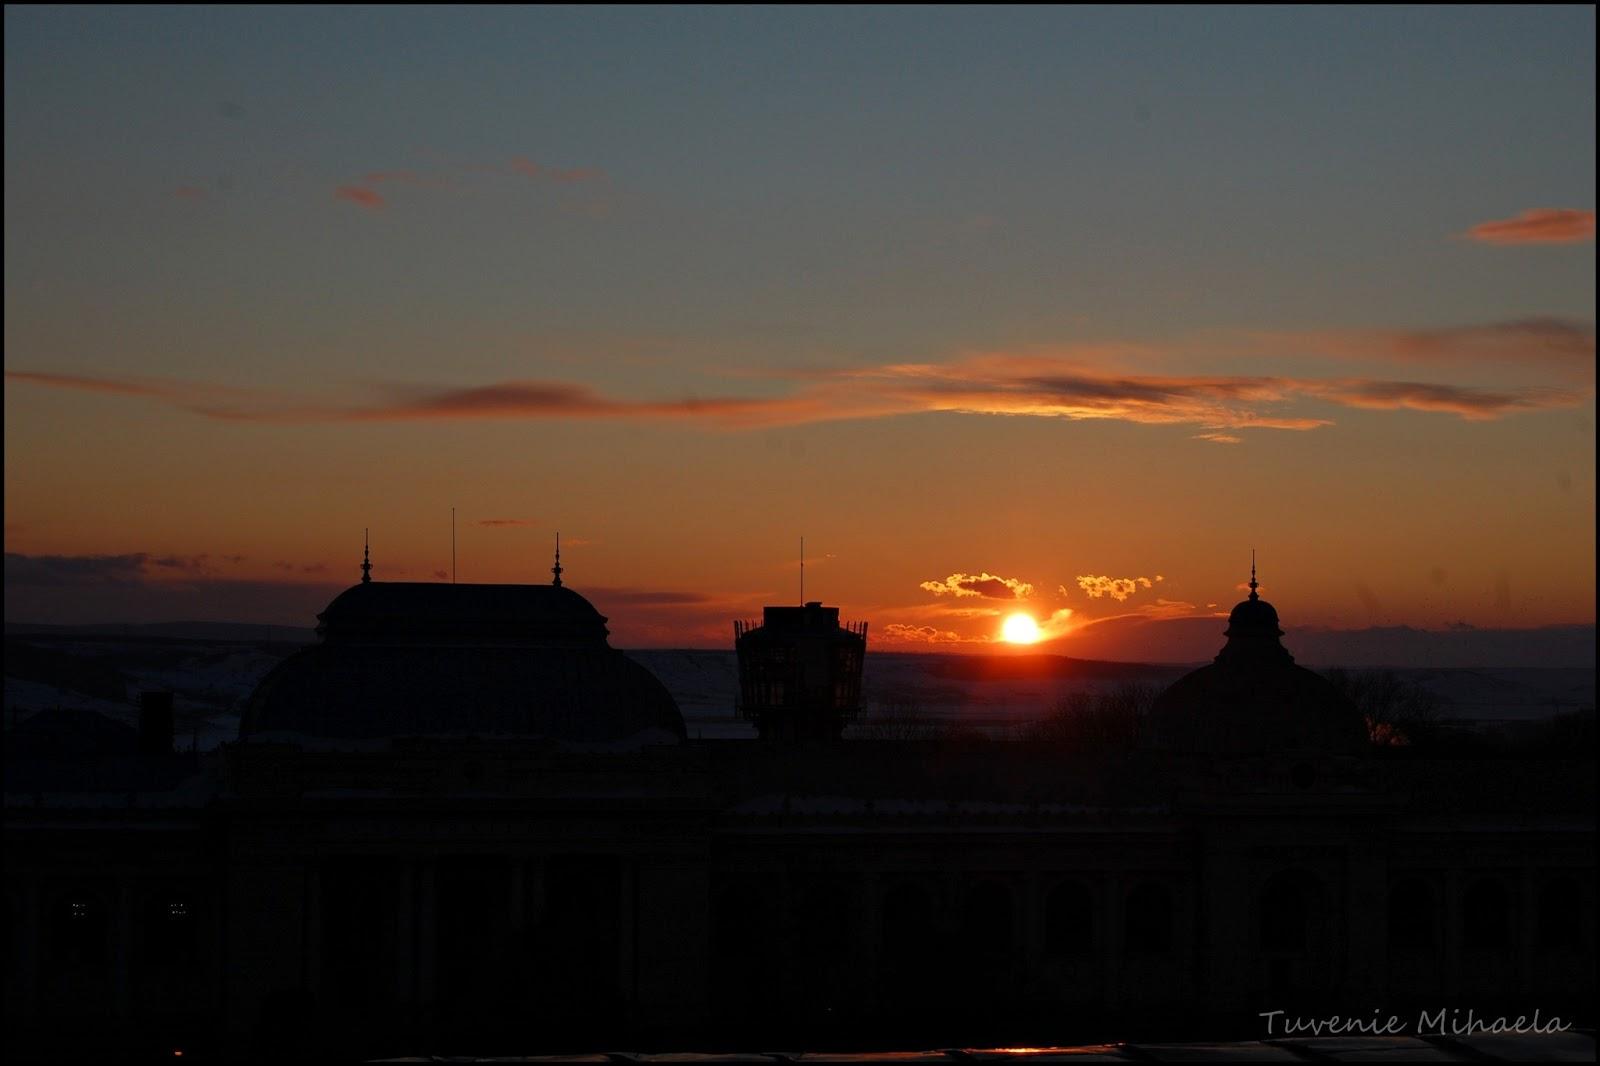 Soarele răsare roşu şi tot roşu el apune Omul bun în zile